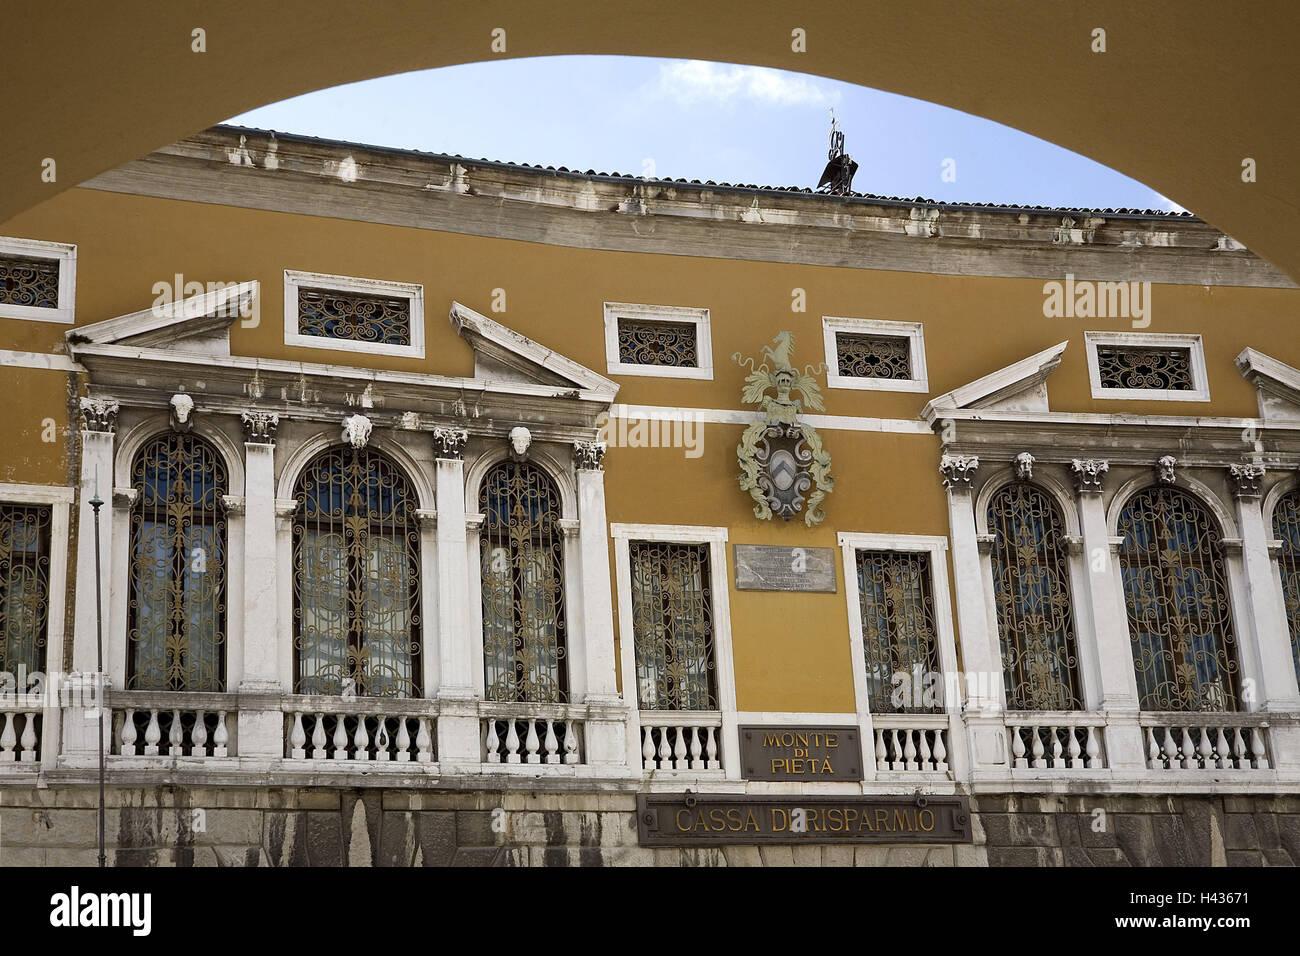 Italy, Udine, Mercato Vecchio, Palazzo del Monte di Pieta, facade, detail, house, building, palace, structure, architecture, Stock Photo